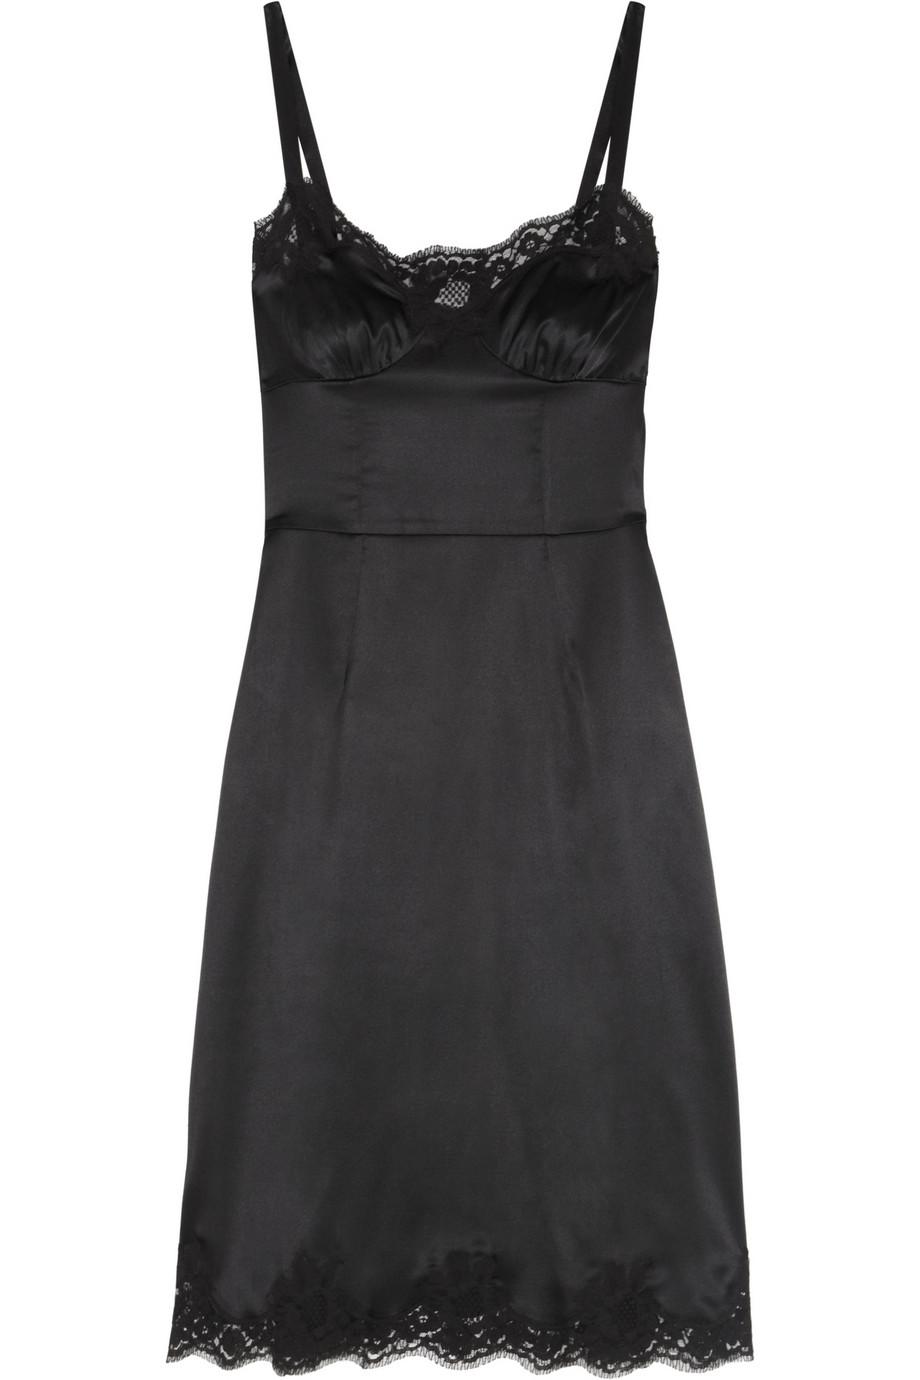 Dolce Amp Gabbana Lace Trimmed Stretch Silk Satin Dress In